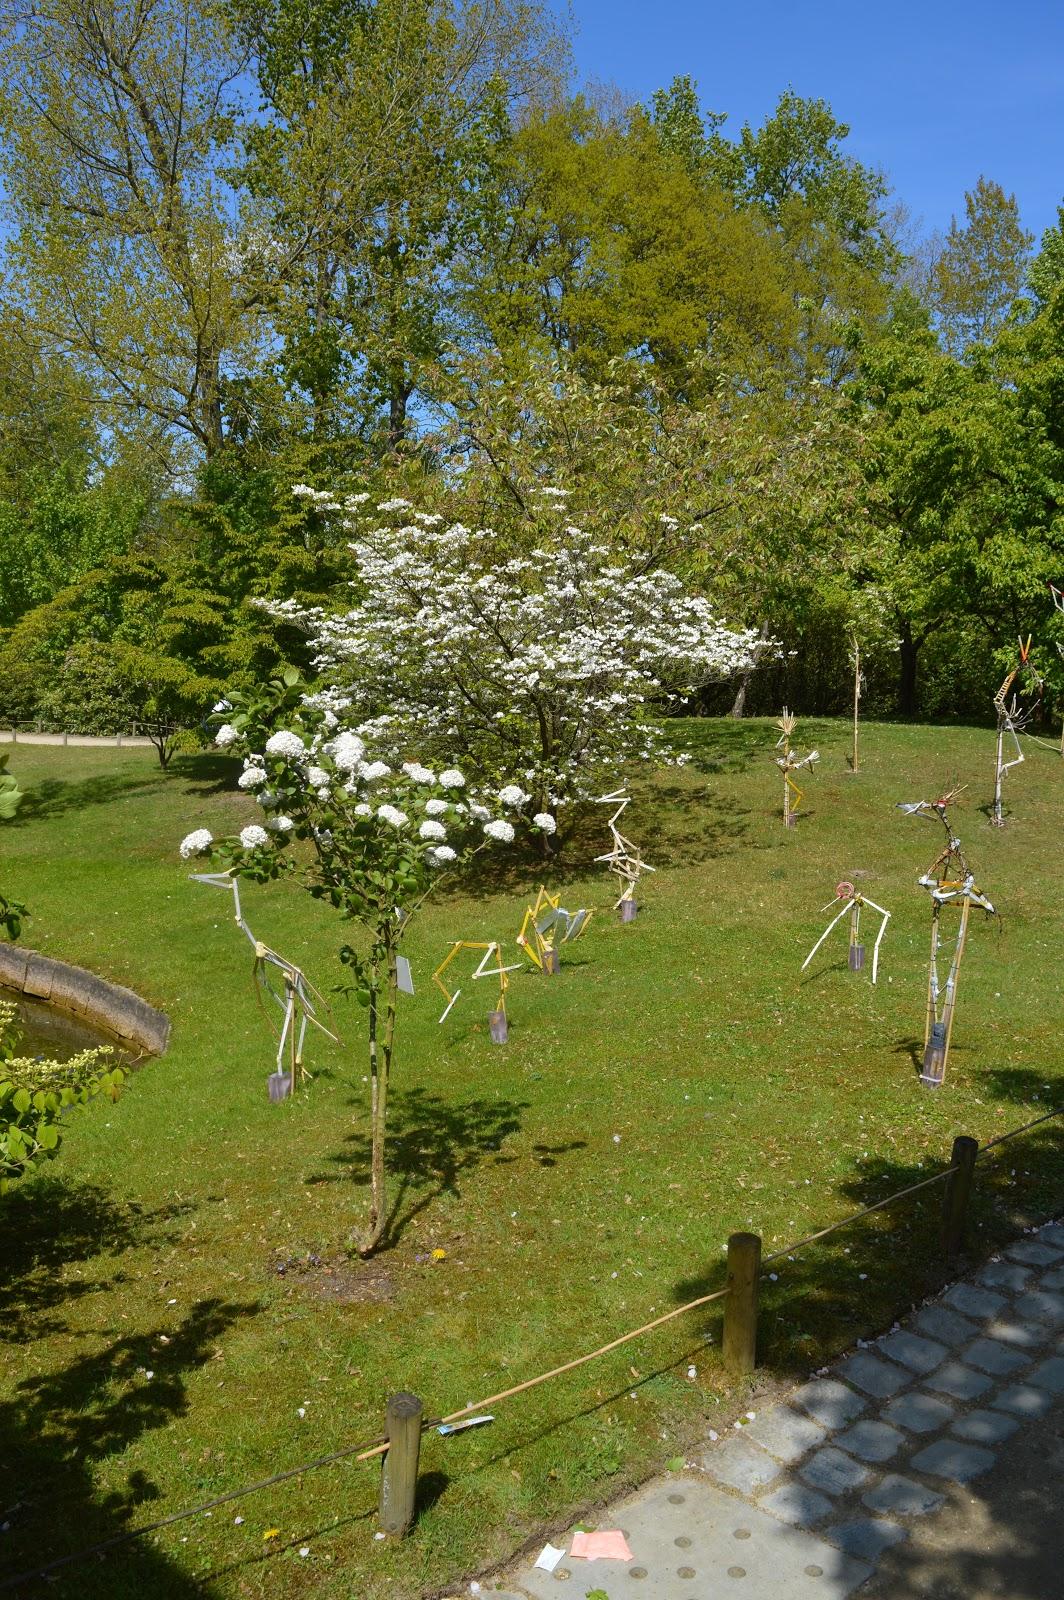 Passionn ment jardin visite du jardin japonais de hasselt for Arbuste jardin japonais